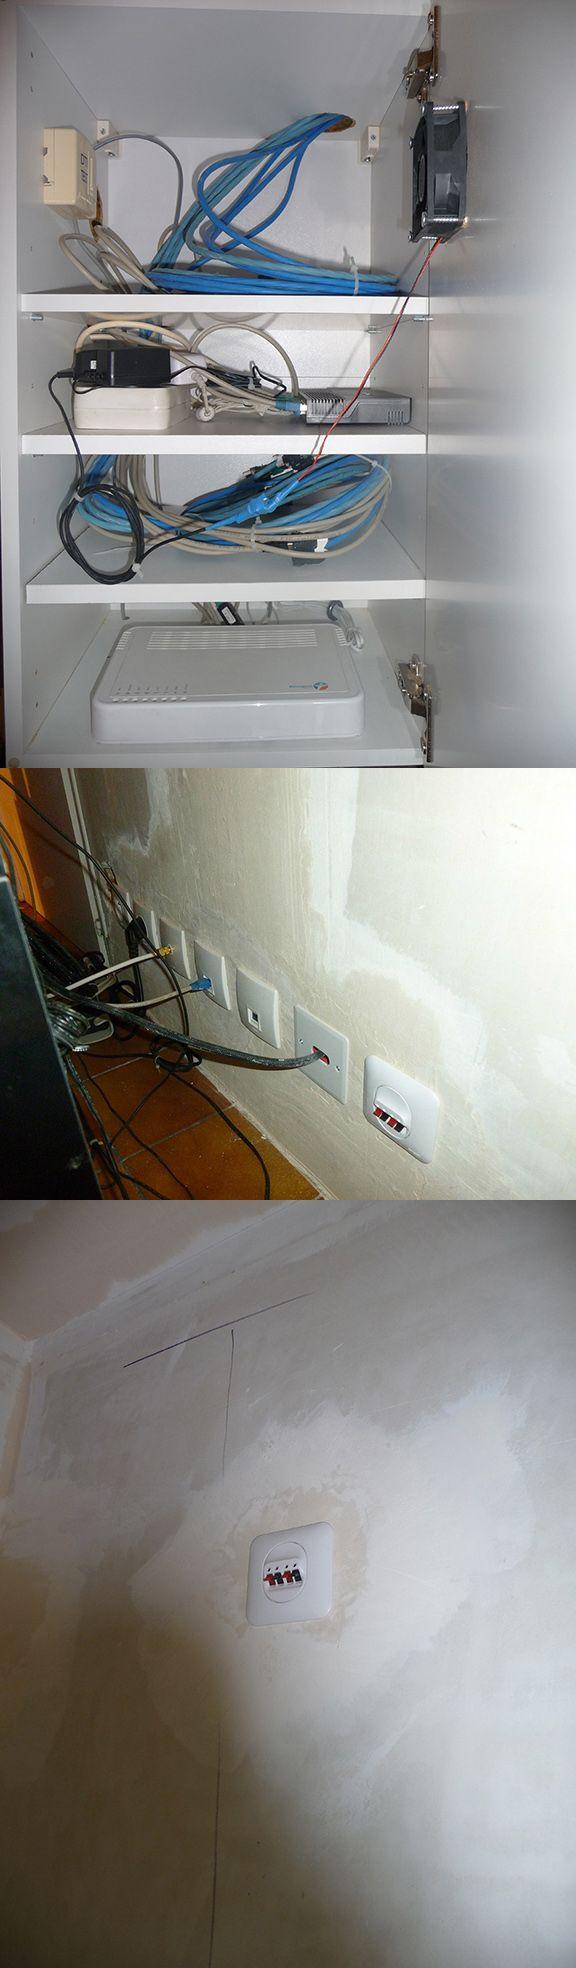 Rénovation totale de la maison avec VDI Home Made, 12 prises Ethernet Cat 6a, 2 prises HDMI 2.0, + de 40 prises de courant, 5 prises TV câblés en 17VATC, 2 prises audio murale surround dans le salon pour le Home Cinema.